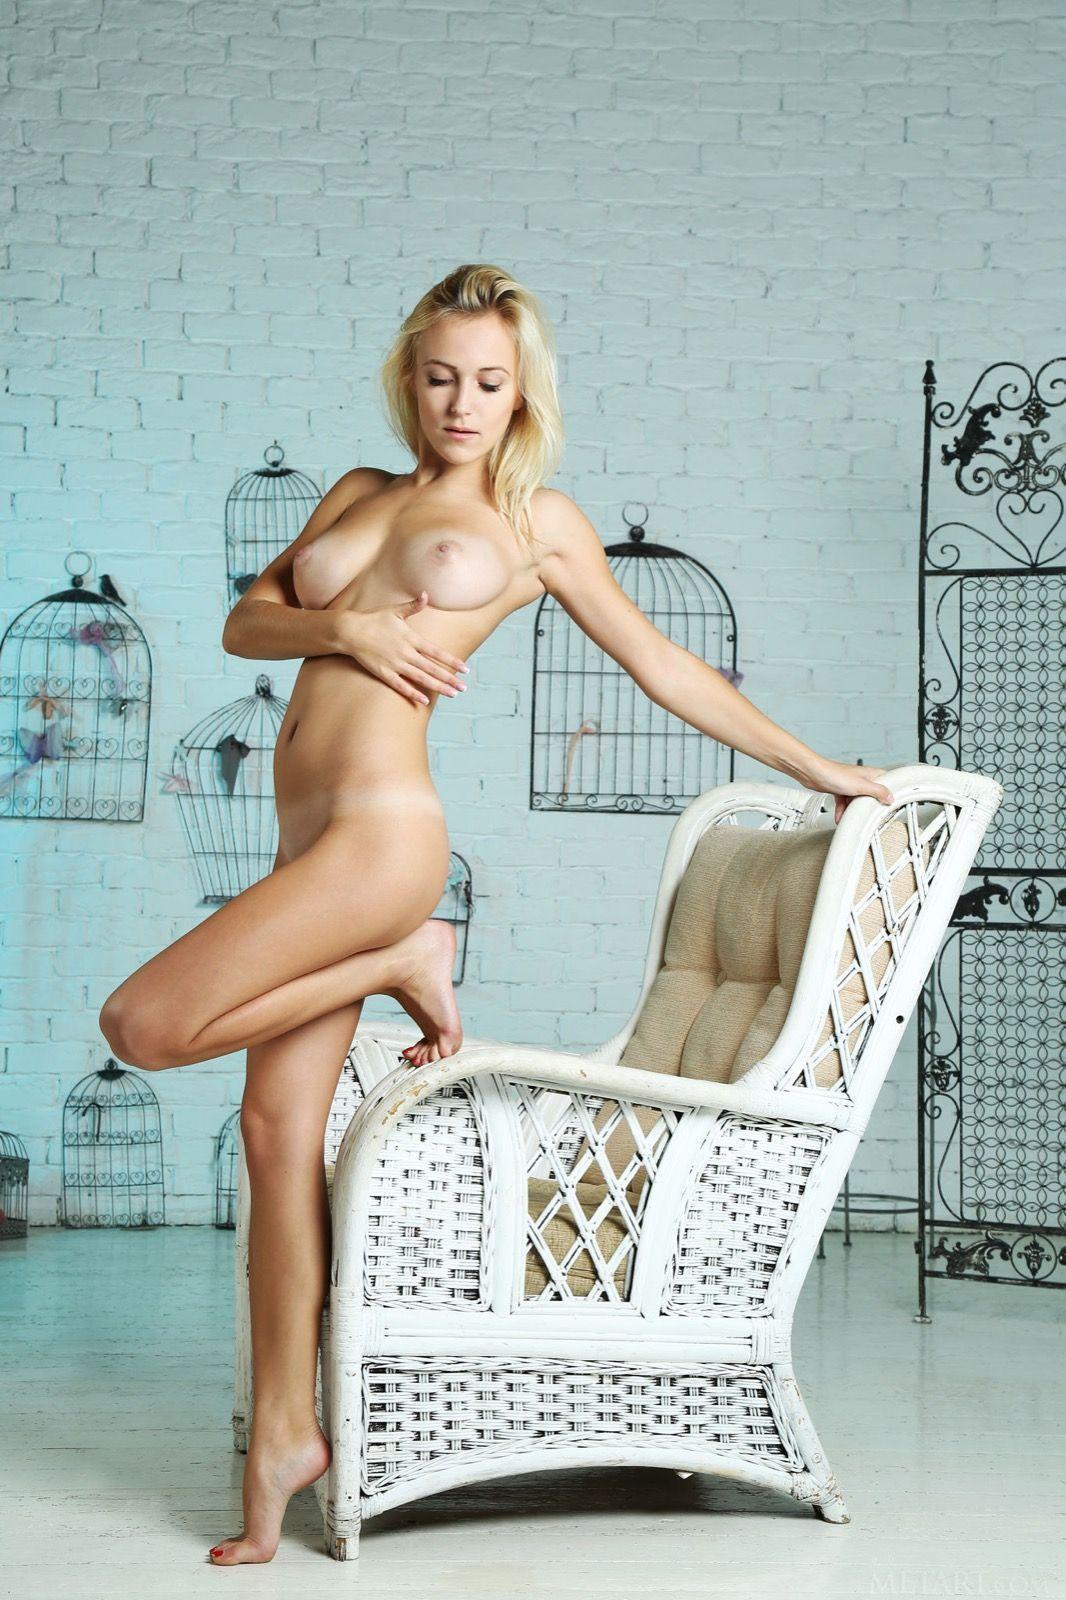 fotos-porno-ucraniana-gostosa-5